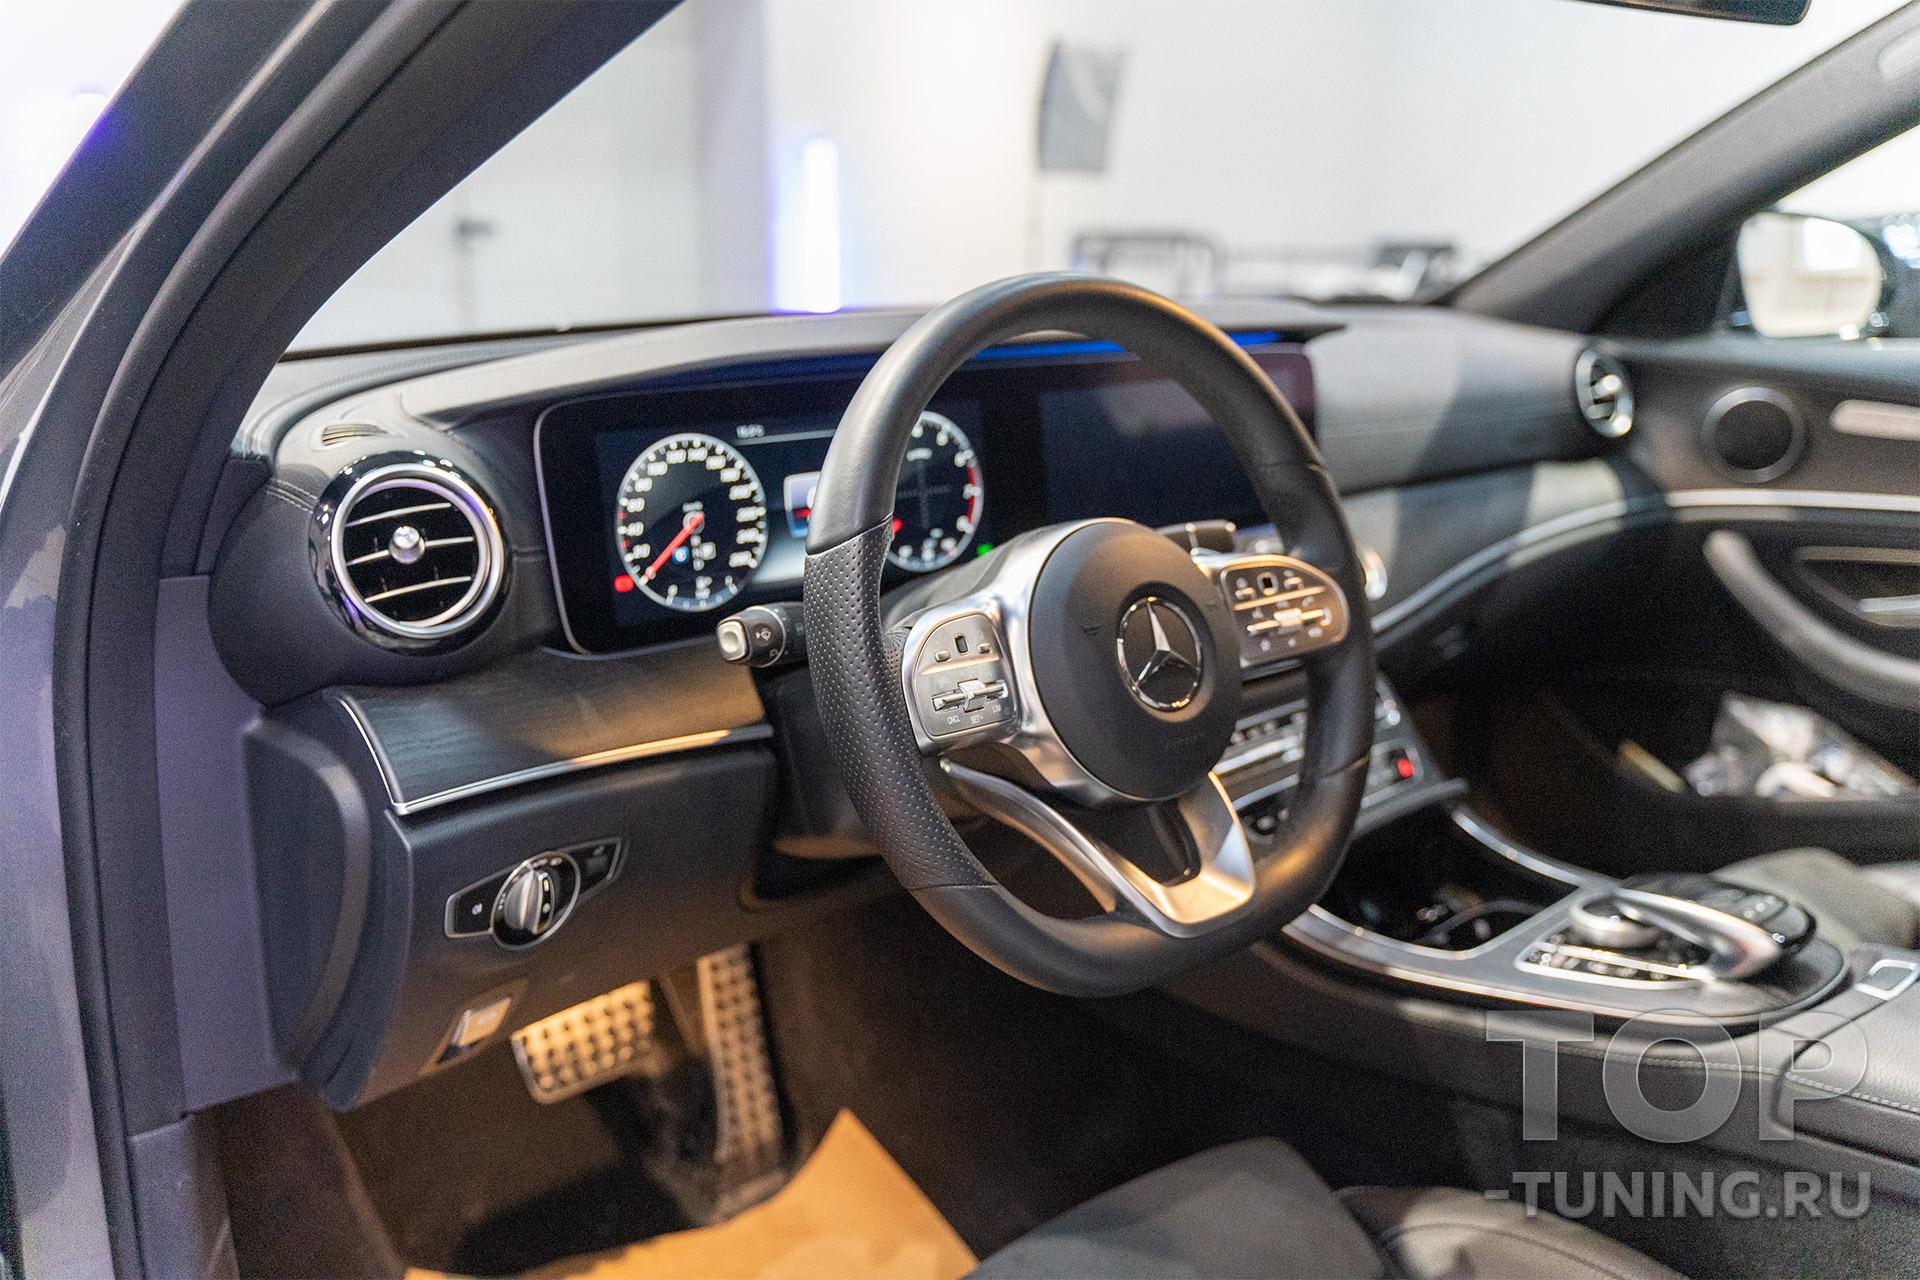 105832 Установка электронного выхлопа THOR в Mercedes-Benz E w213